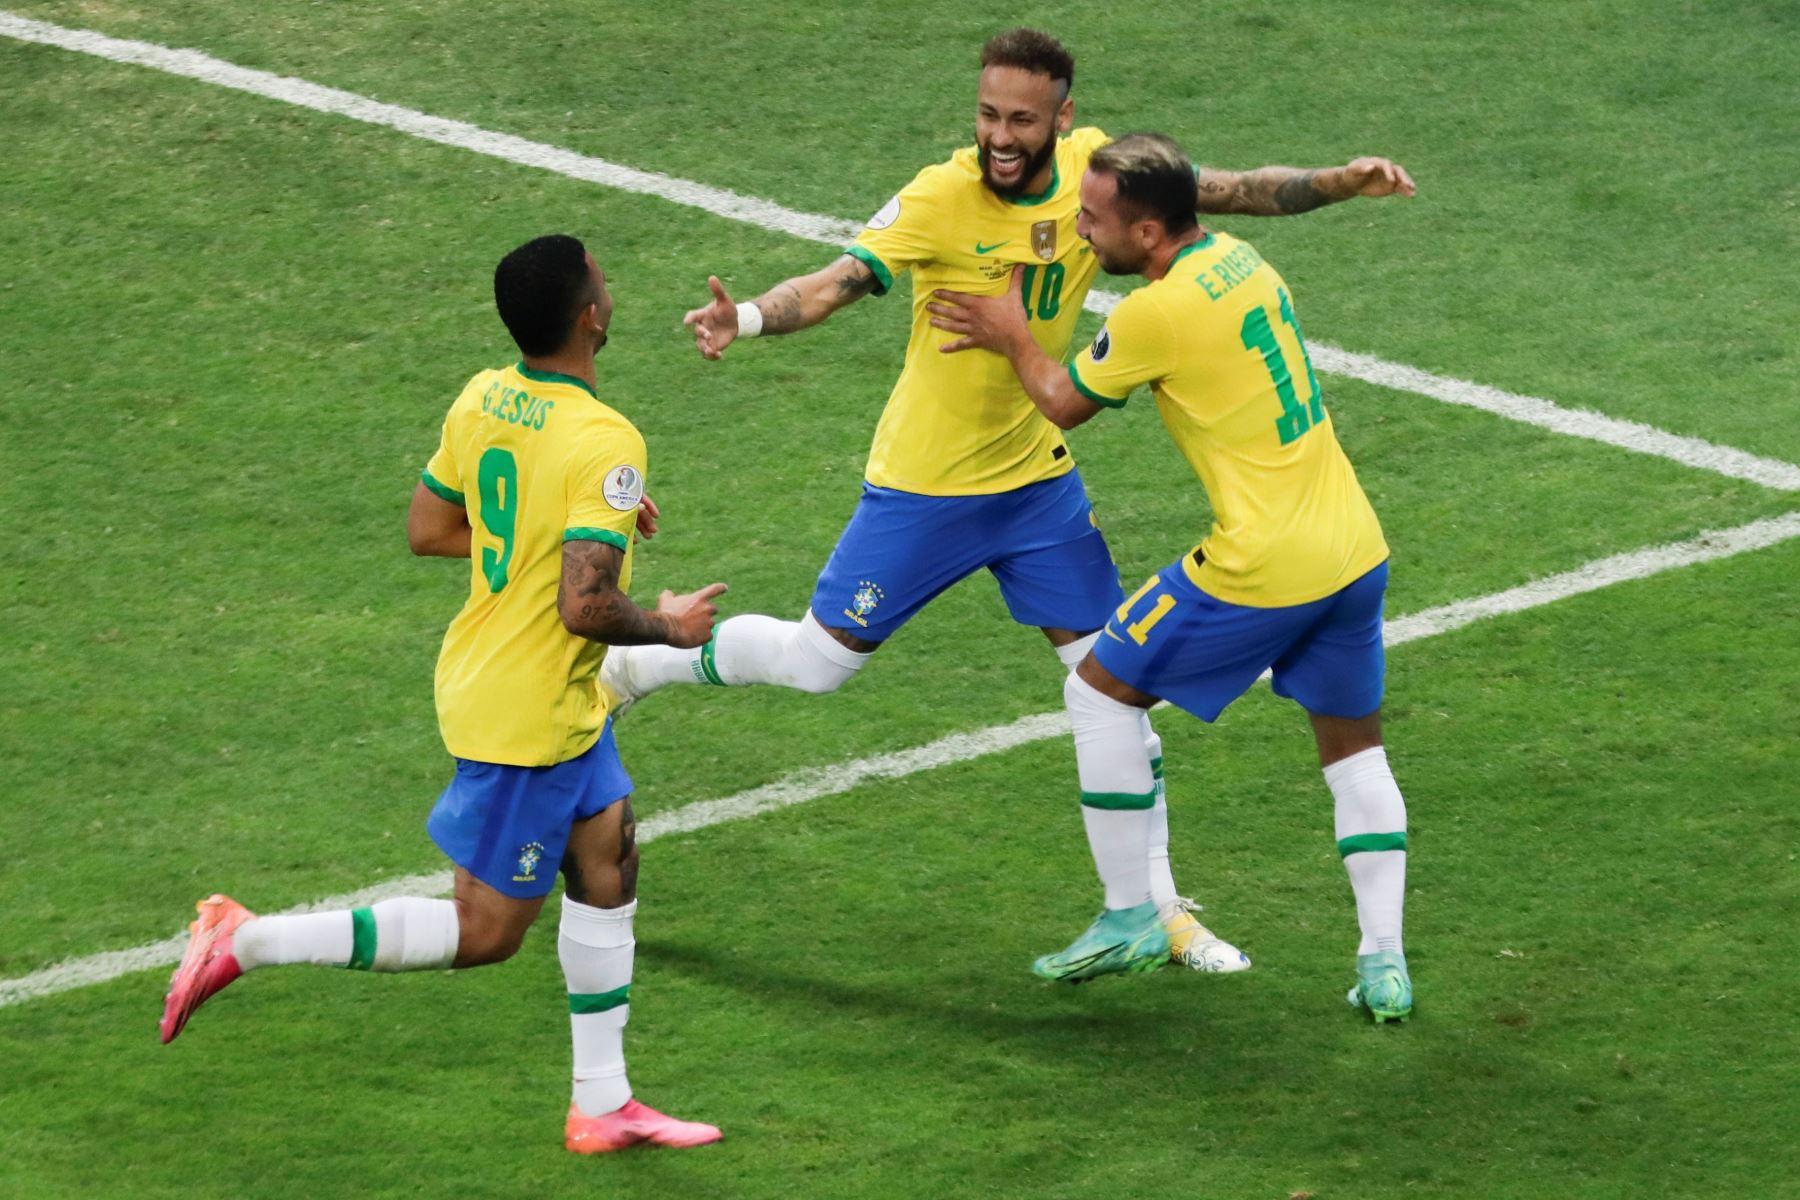 El jugador Neymar  de Brasil celebra hoy con sus compañeros Gabriel Jesús (i) y Everton Riveiro tras anotar contra Venezuela, durante el partido inaugural de la Copa América en el estadio Mané Garrincha, en Brasilia. Foto: AFP